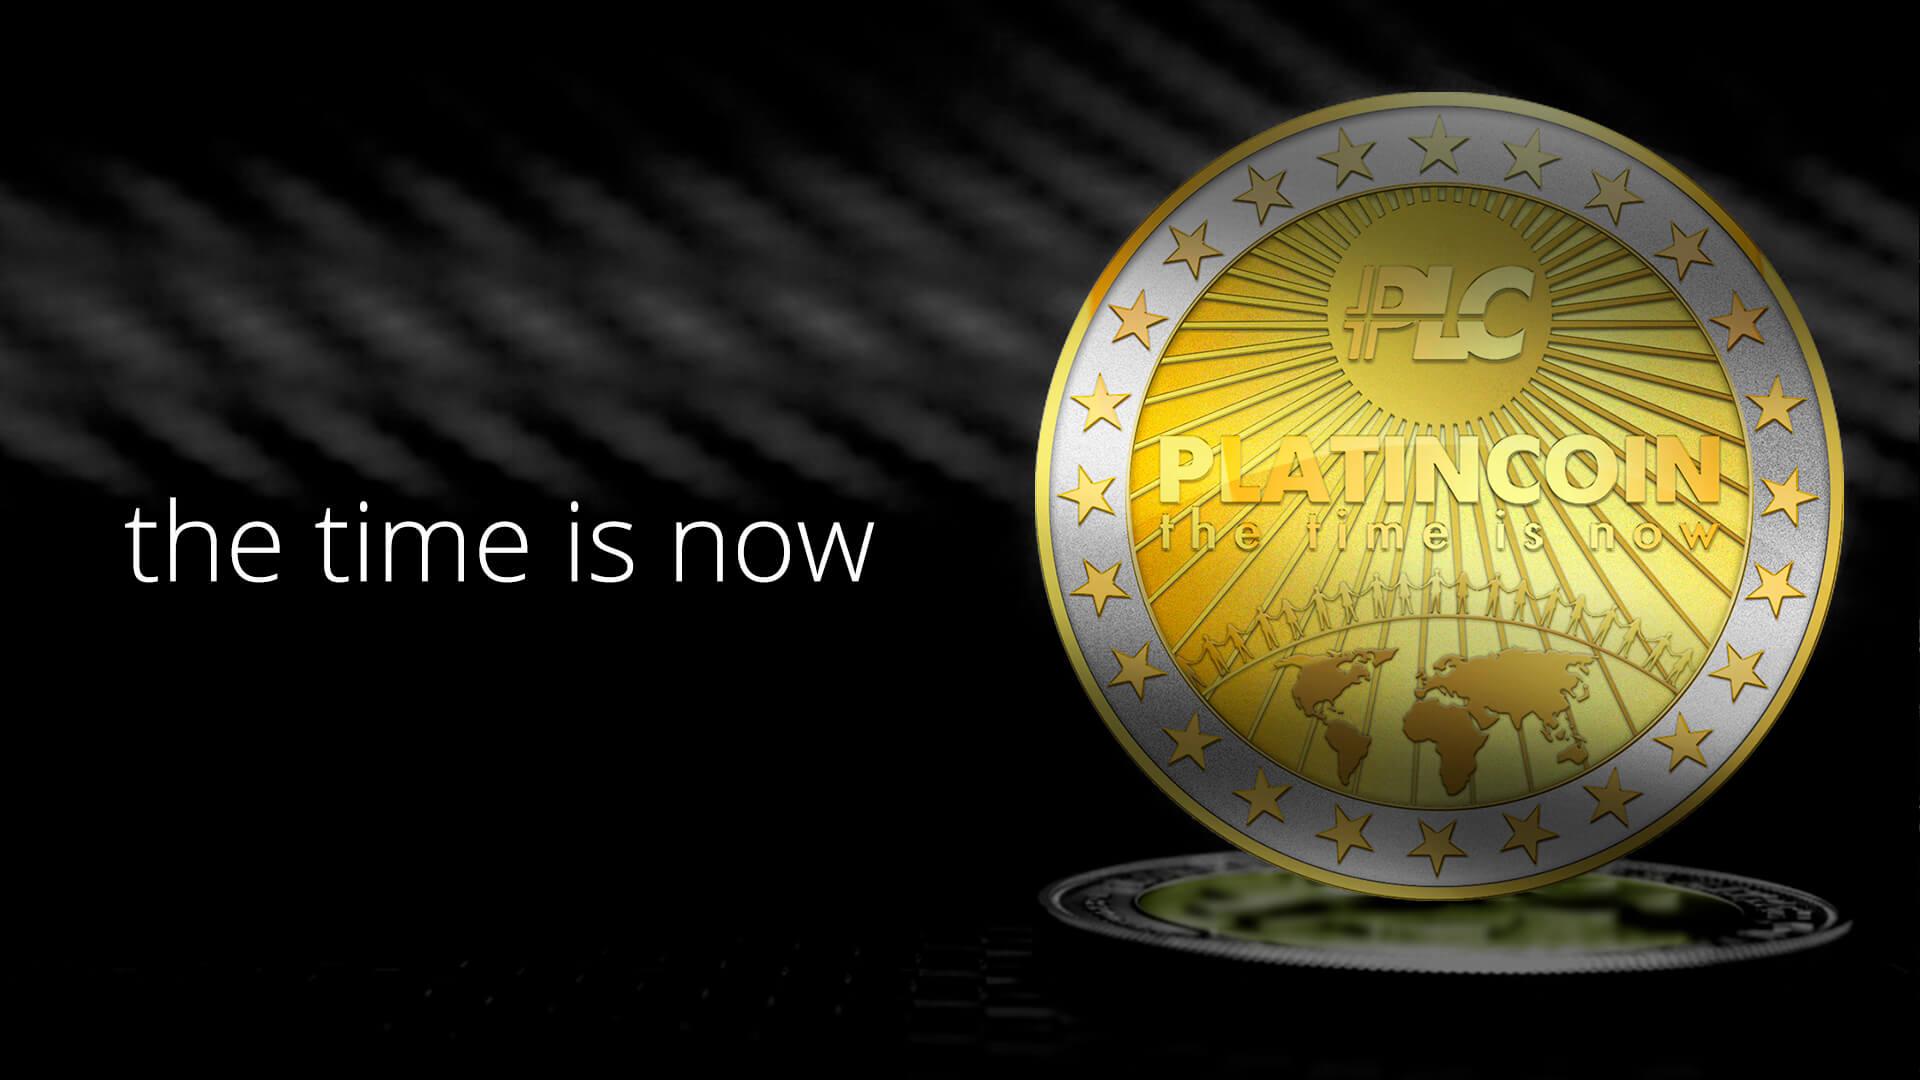 platincoin, platincoin kurs, platincoin warnung, platincoin com, platincoin kursentwicklung, platincoin kurs prognose, platincoin wert, platincoin russenmafia, platincoin kaufen, platincoin verkaufen, platincoin börse, platincoin ende, platincoin tot, platincoin warnung, platincoin anmelden, platincoin meinungen, platincoin erfahrungen, platincoin seriös, platincoin kurs aktuell, platincoin minting, platincoin handel, platincoin info, platincoin auszahlung, platincoin prognose, platincoin wallet, platincoin was ist das, platincoin registrieren, platincoin preis, platincoin registrierung, platincoin wert euro, platincoin mining, platincoin pakete, platincoin exchange, platincoin schneeball, platincoin bewertung, platincoin team, platincoin smart contract, platincoin dashboard, platincoin geld auszahlen, platincoin zukunft, platincoin kritik, platincoin marketingplan, 1 platincoin, platincoin blockchain, platincoin börsenkurs, platincoin pakete kaufen, platincoin deutsch, platincoin an der börse, platincoin entwicklung, platincoin investieren, platincoin youtube, wo ist platincoin gelistet, wie sicher ist platincoin, wo platincoin kaufen, platincoin geldautomat, platincoin günstig kaufen, platincoin group ag, platincoin ja oder nein, wo wird platincoin gehandelt, platincoin provision, platincoin whitelist, platincoin debitkarte, platincoin telegram, wo kann ich platincoin verkaufen, platincoin geld verdienen, platincoin heute, platincoin prognose 2020, unterschied platincoin und bitcoin, platincoin legal, platincoin börse yobit, die wahrheit über platincoin, platincoin 2021, platincoin minting erfahrungen, mit platincoin bezahlen, wo kann ich platincoin kaufen, platincoin hotline, was ist mit platincoin, platincoin telegram deutsch, platincoin umsatz, mit platincoin geld verdienen, platincoin risiko, platincoin rechner, platincoin fake, platincoin promotion, platincoin vergütungsplan, platincoin coinbase, platincoin firmensitz, platincoin test, platincoin an börse ver